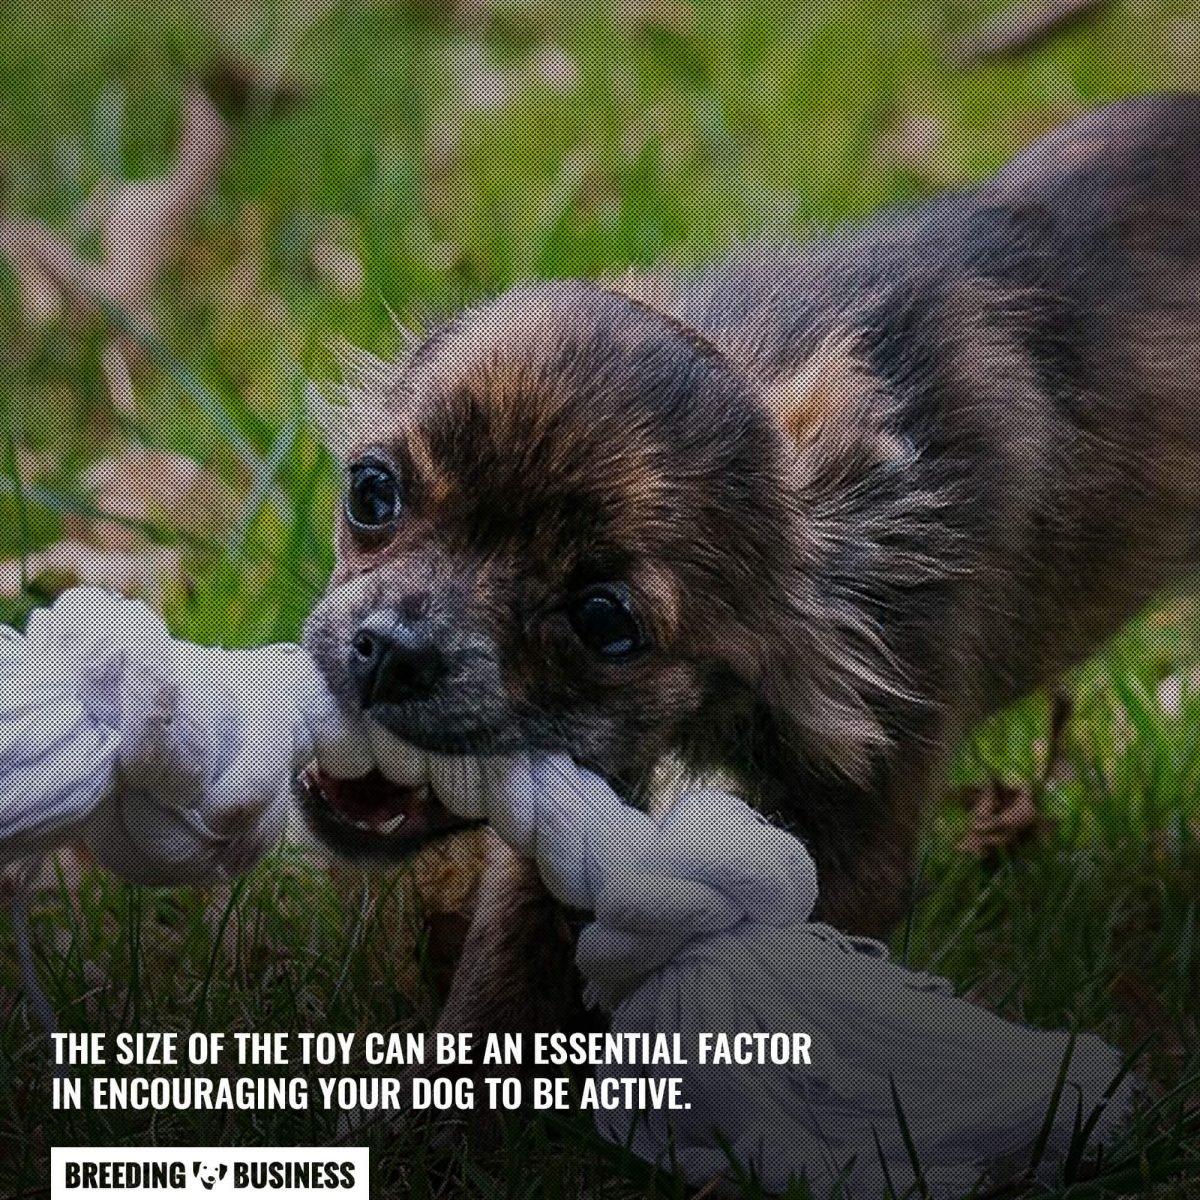 size of indestructible dog toy